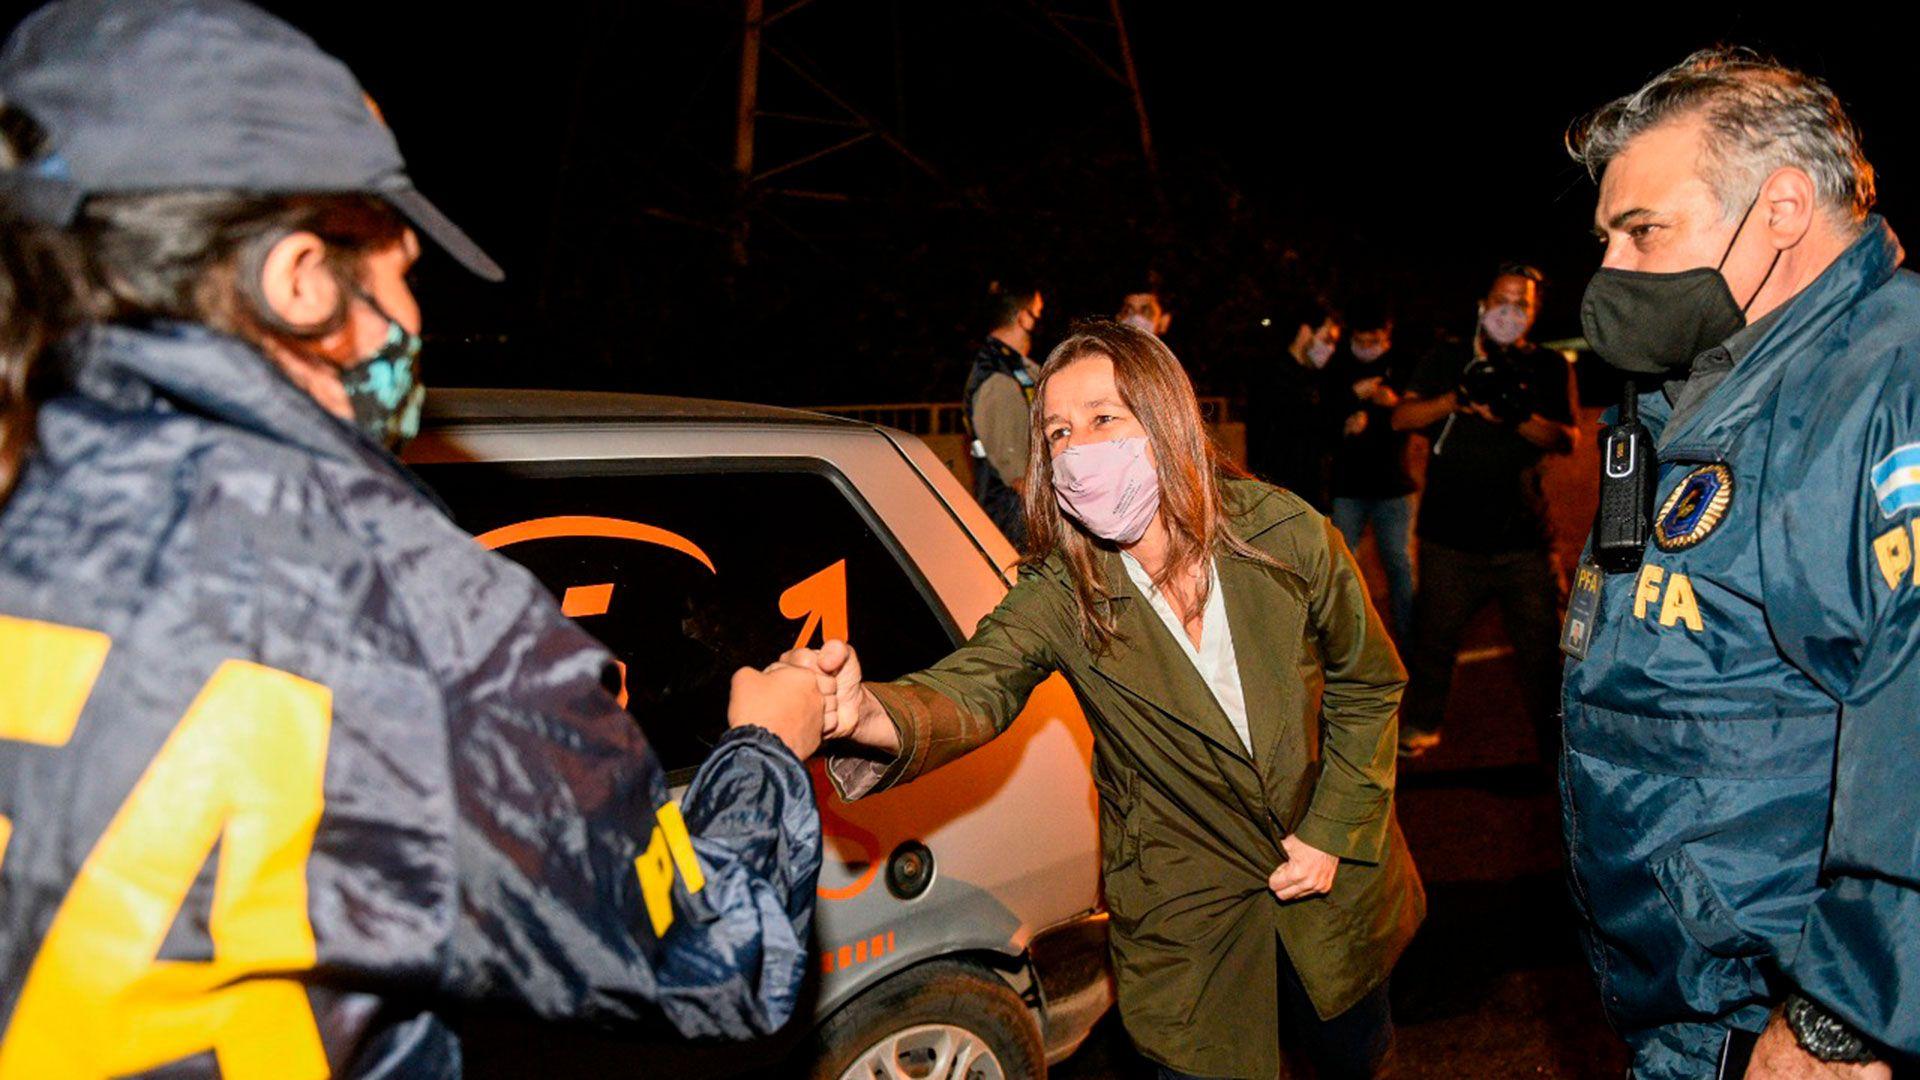 Controles de las fuerzas de seguridad AMBA sabina frederic